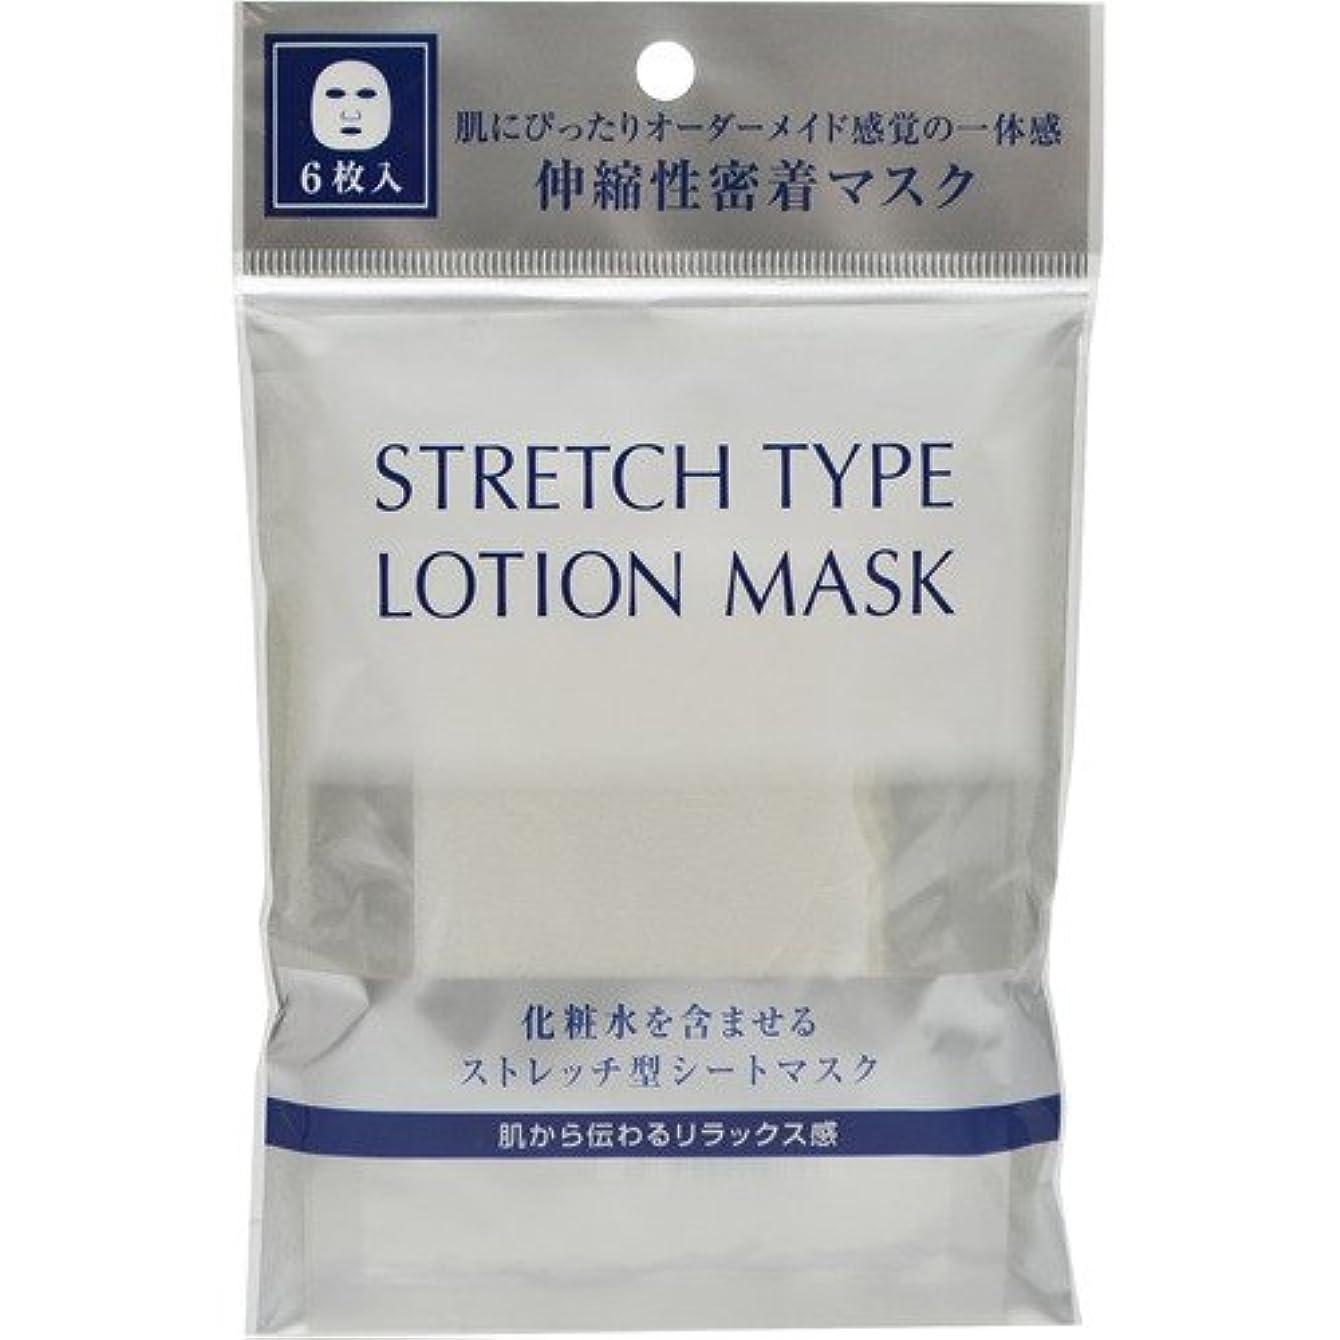 ランプ厳しいポスターコーセー 雪肌精 シュープレム ローションマスク (ストレッチシートタイプ) 6枚入り